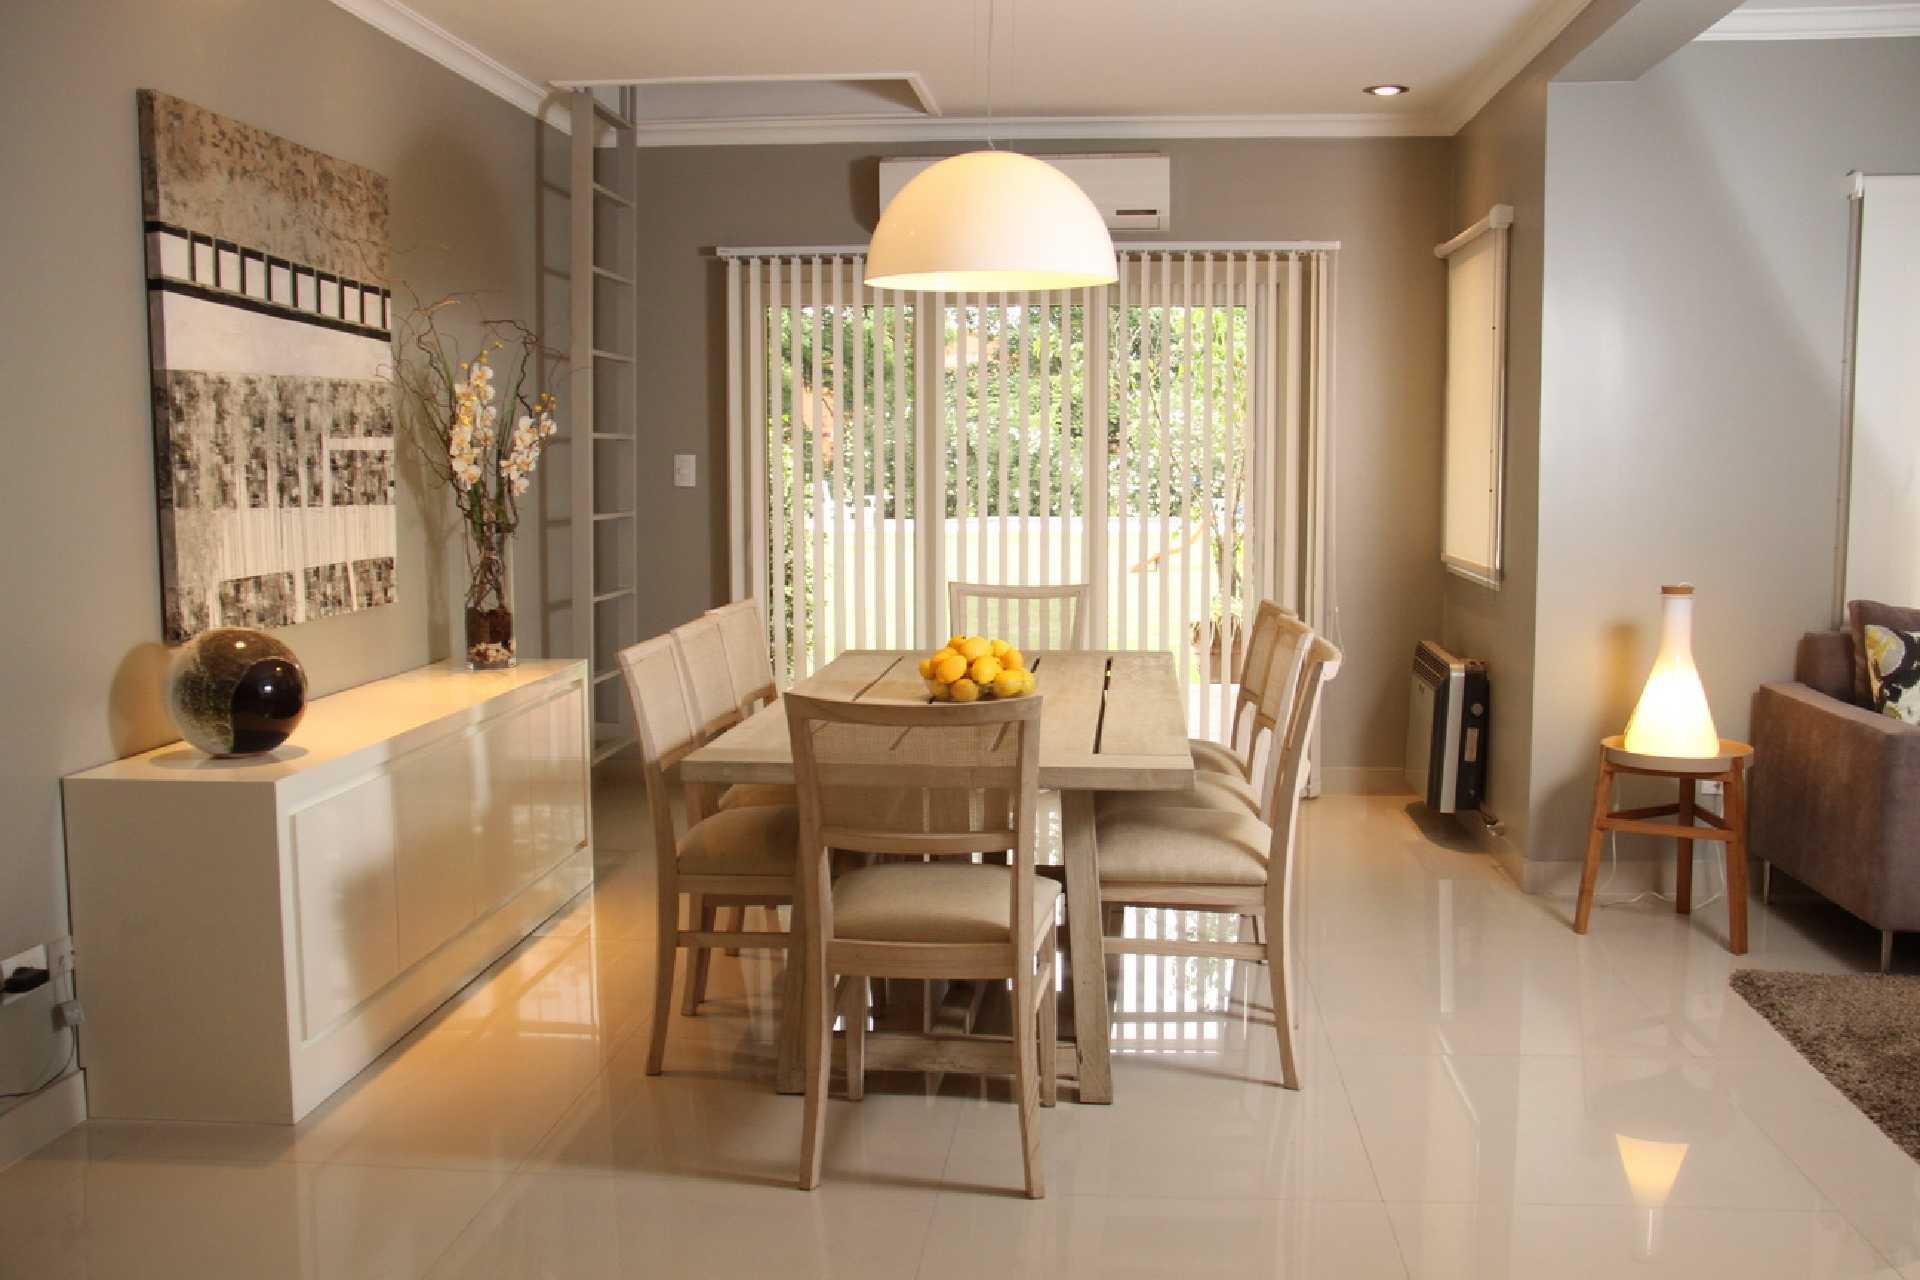 Revista Estilo Propio Arquitectura Y Dise O Arte Y Decoracion # Muebles Y Alfombras Mihran